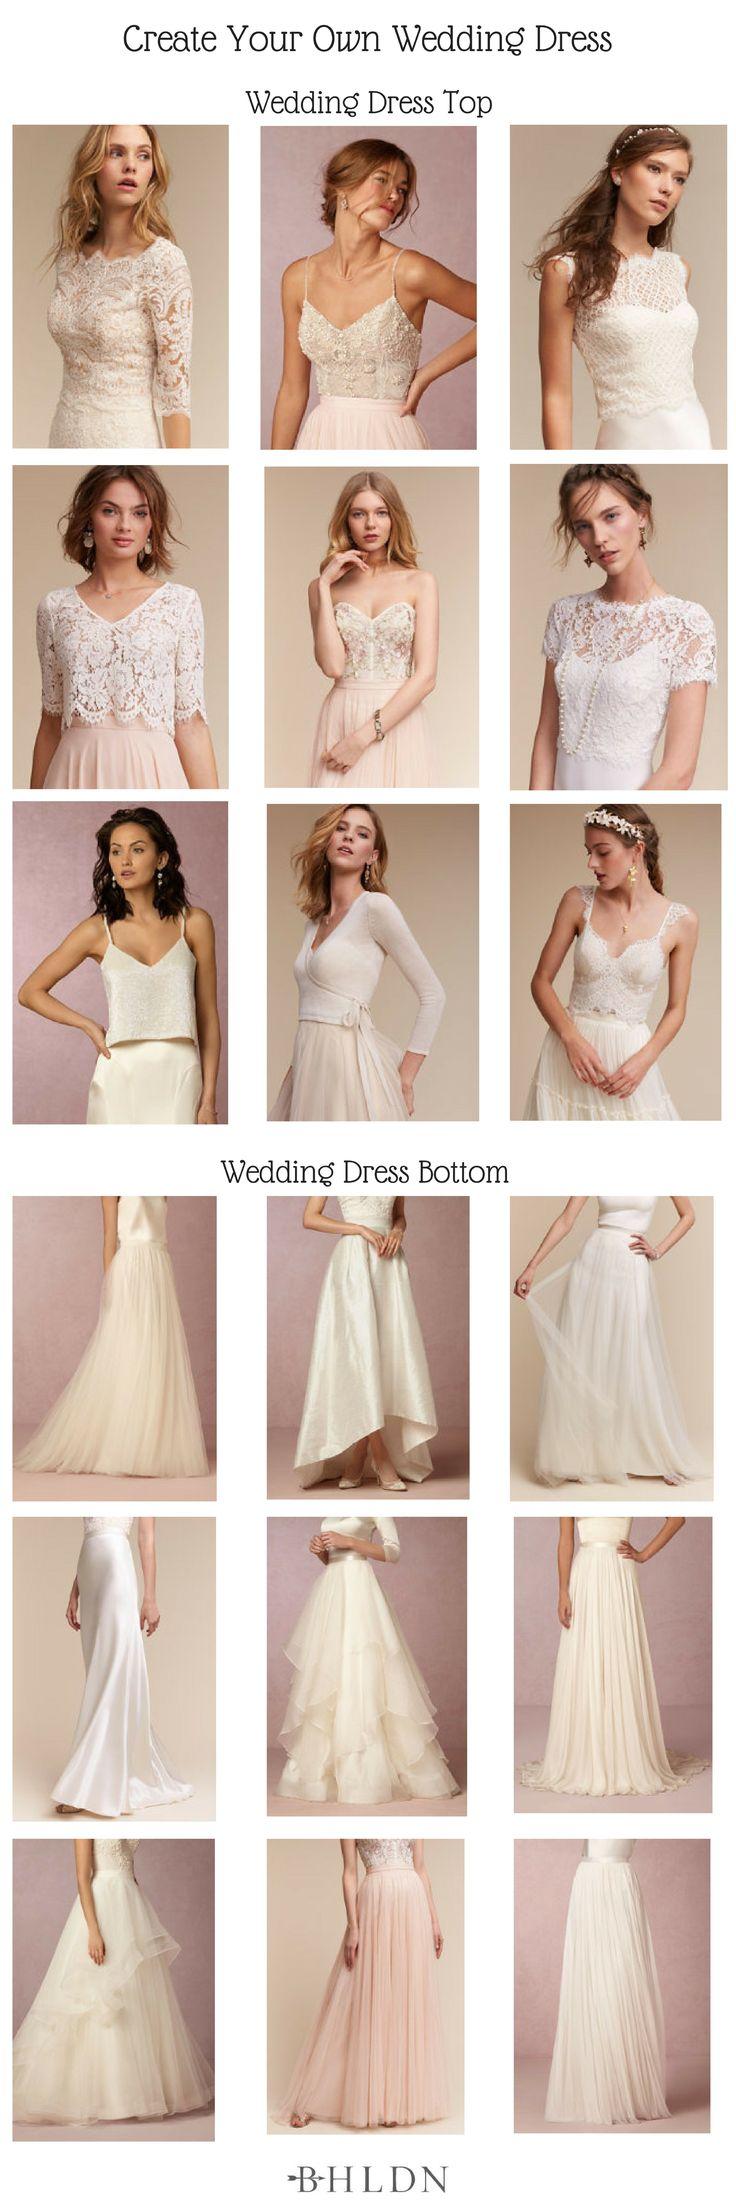 Build Your Own Wedding Dress! BHLDN Wedding Dresshttp://www.mydreamlines.com/2017/04/bhldn-wedding-dress/ #weddingdress